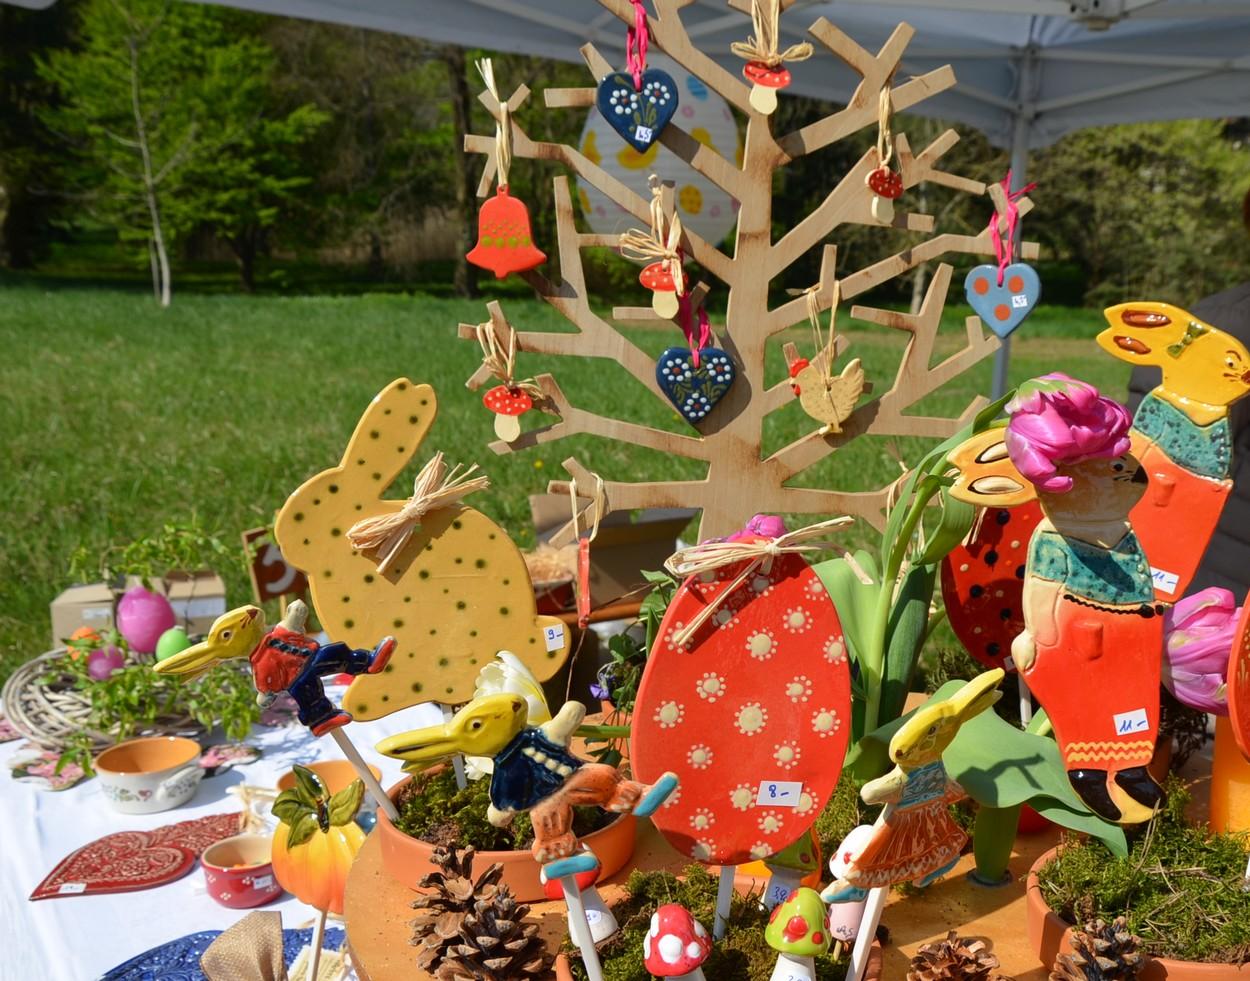 Marché de Pâques à Ottrott